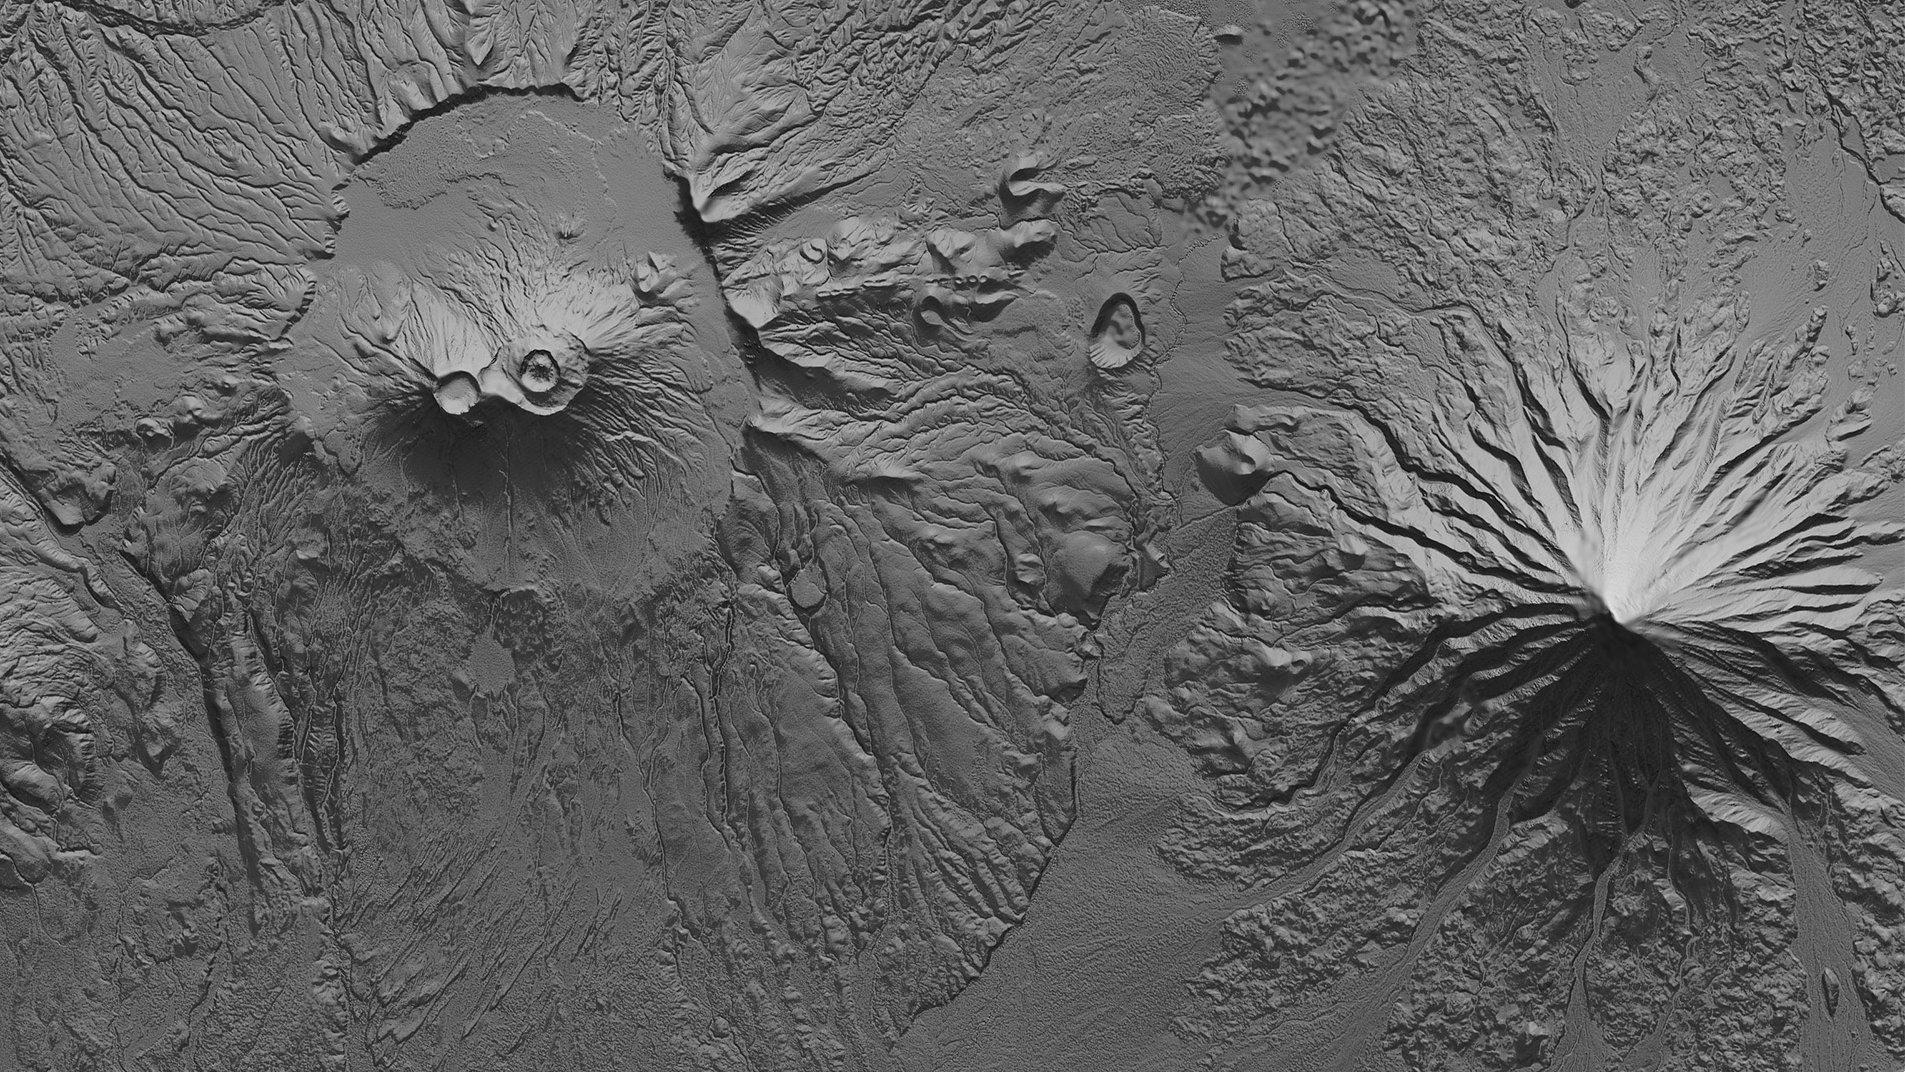 Die Krascheninnikov Caldera und der Kronotsky Vulkan als schattierte Reliefkarte: Derartige Karten auf Basis der Satellitendaten von TanDEM-X ermöglichen Analysen zu möglichen Lavaströmungen, um gefährdete Gebiete zu kartieren.